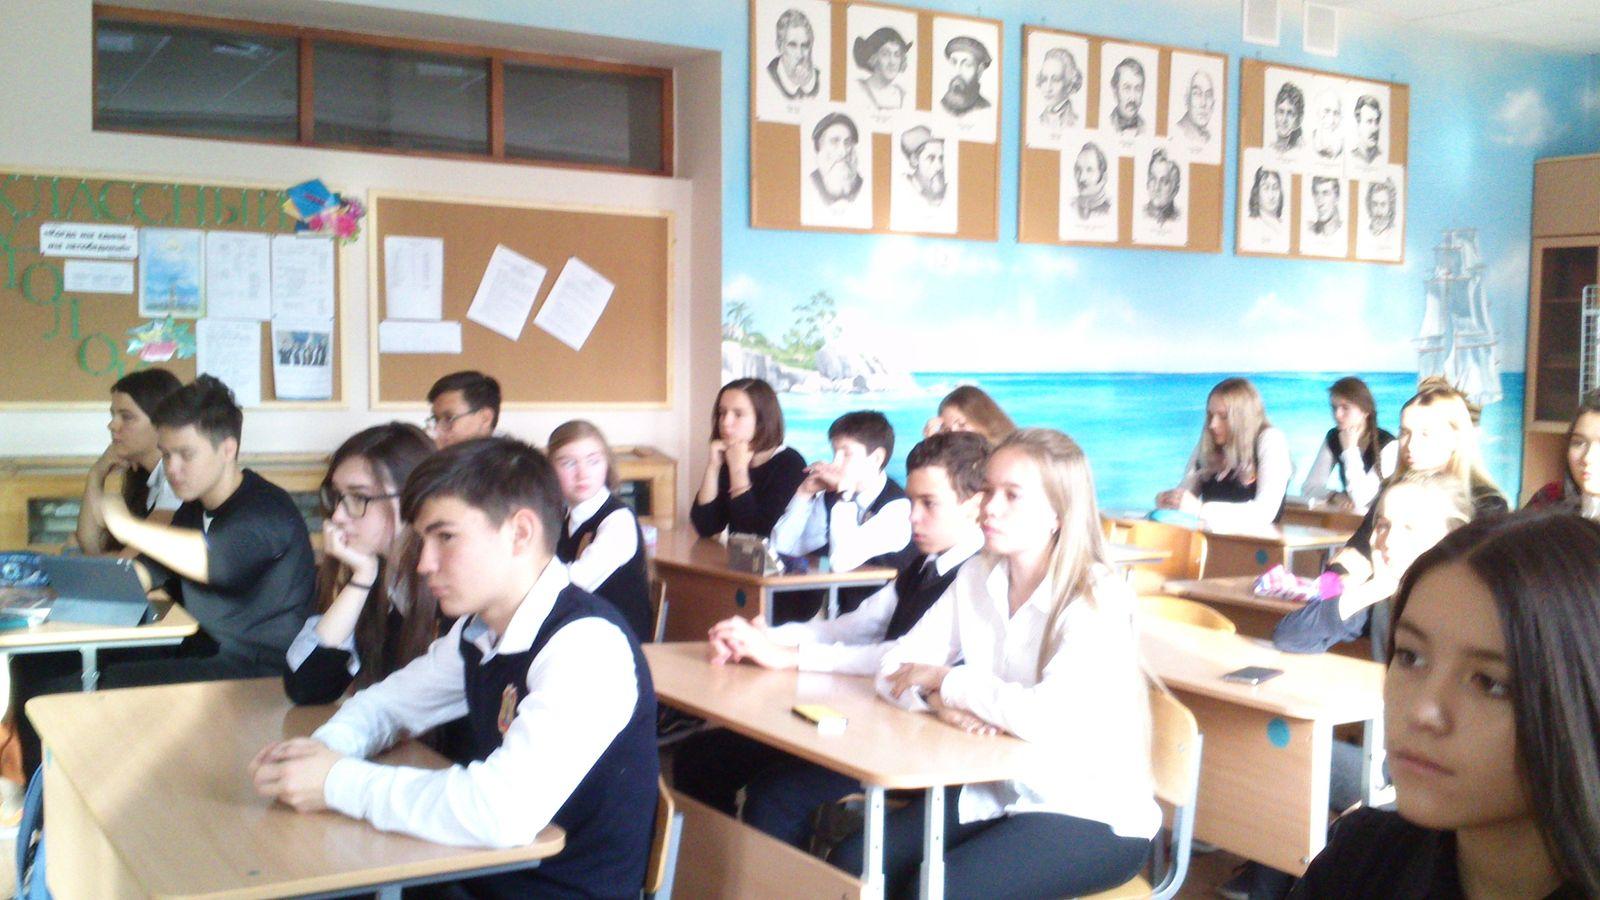 Методическая разработка классного часа для 10 класса. Тема «Знакомство с классом»